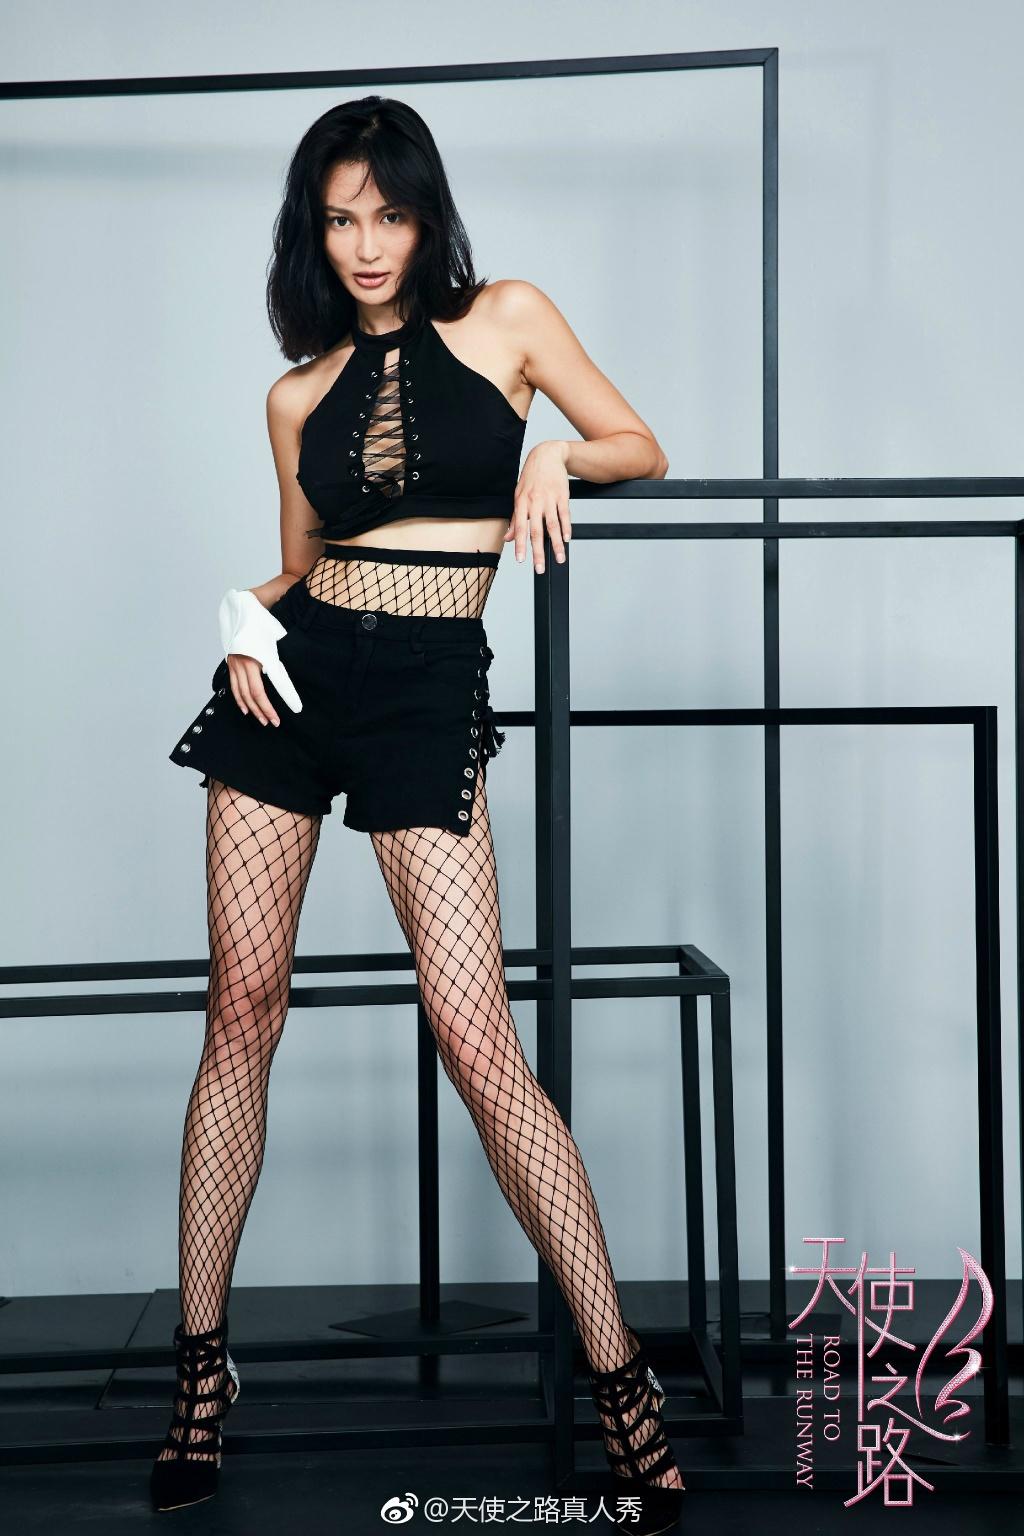 Dàn thí sinh show tuyển mẫu cho Victorias Secret: Xinh và nuột thôi rồi! - Ảnh 2.